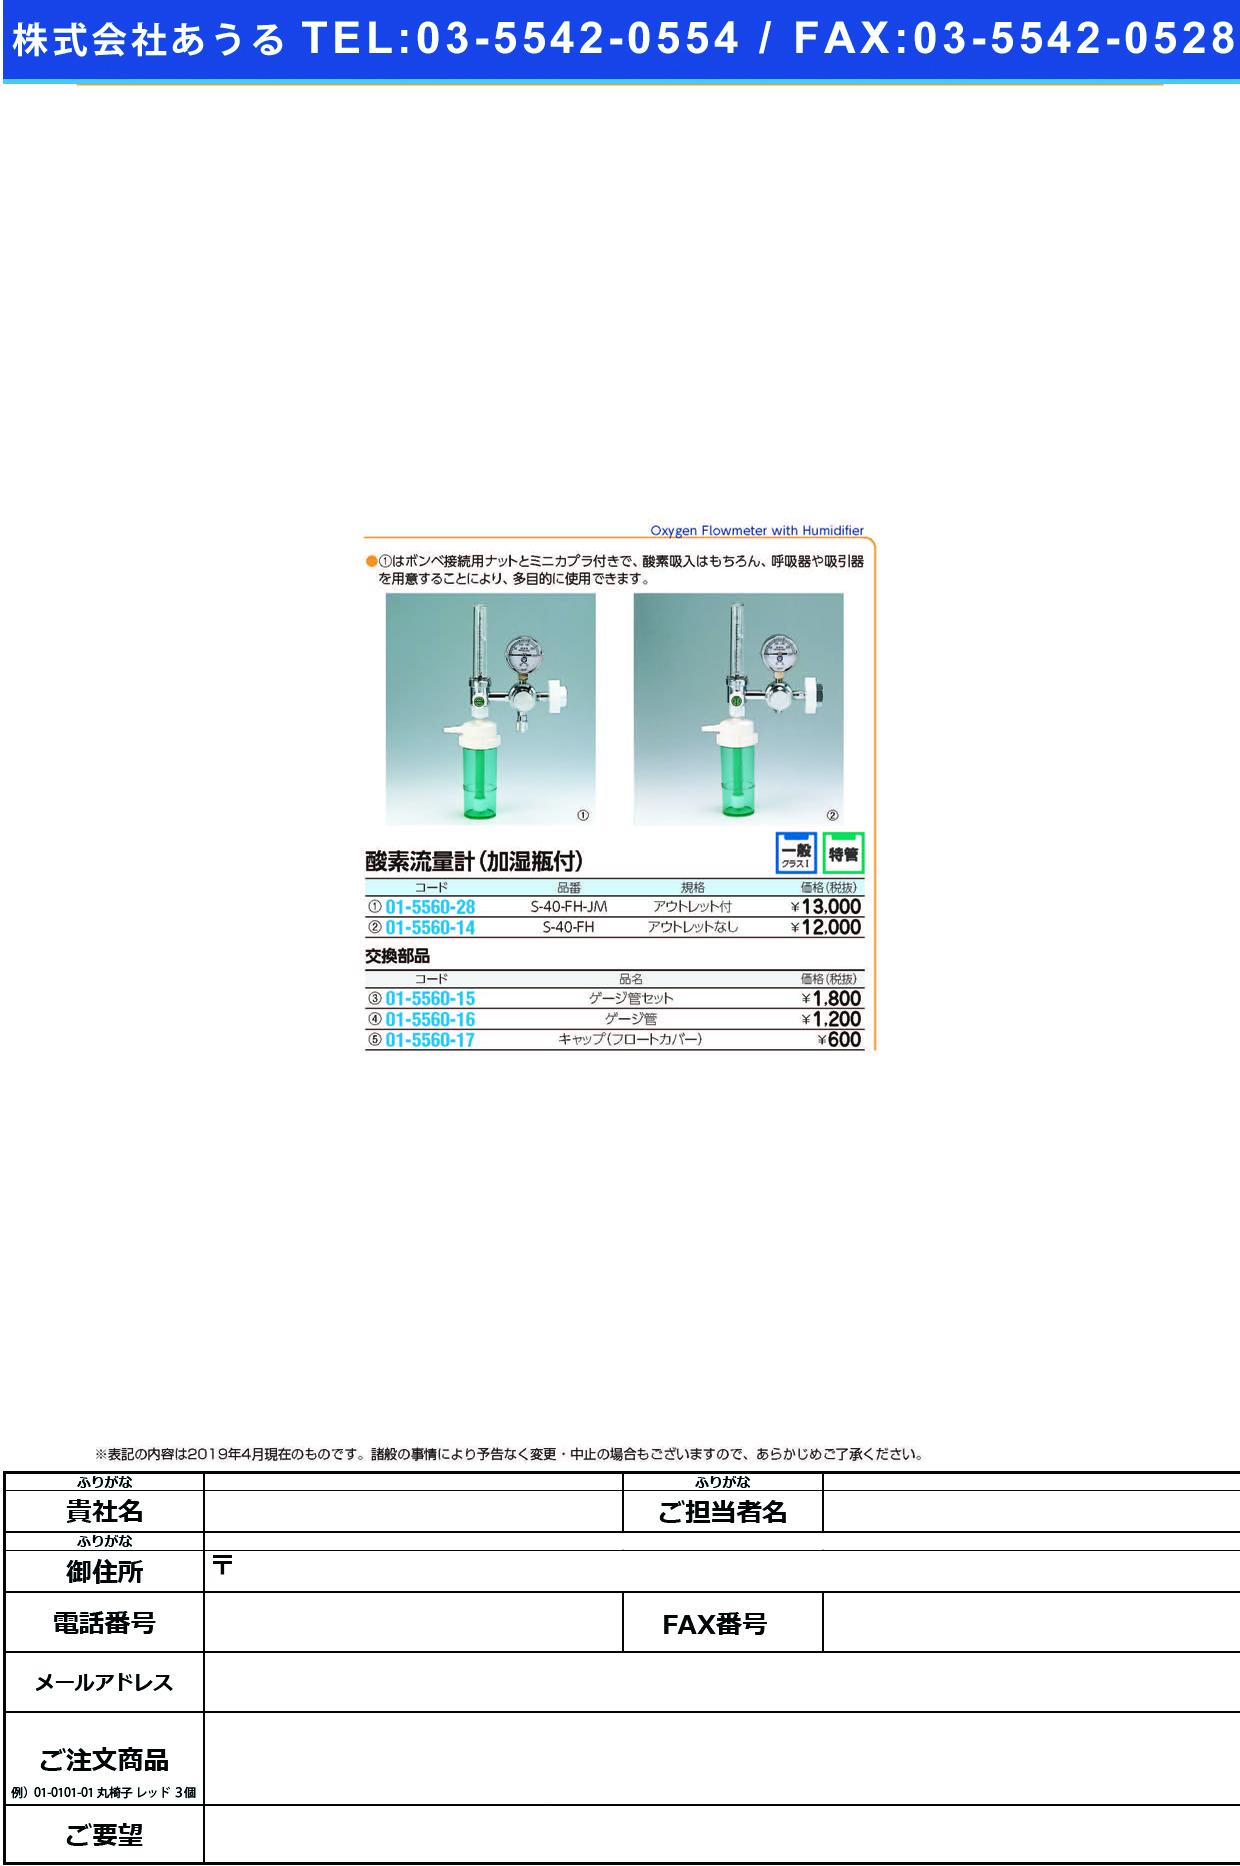 (01-5560-16)酸素流量計用ゲージ管 S-40-FHヨウ サンソリュウリョウケイヨウゲージカン(ブルークロス・エマージェンシー)【1個単位】【2019年カタログ商品】